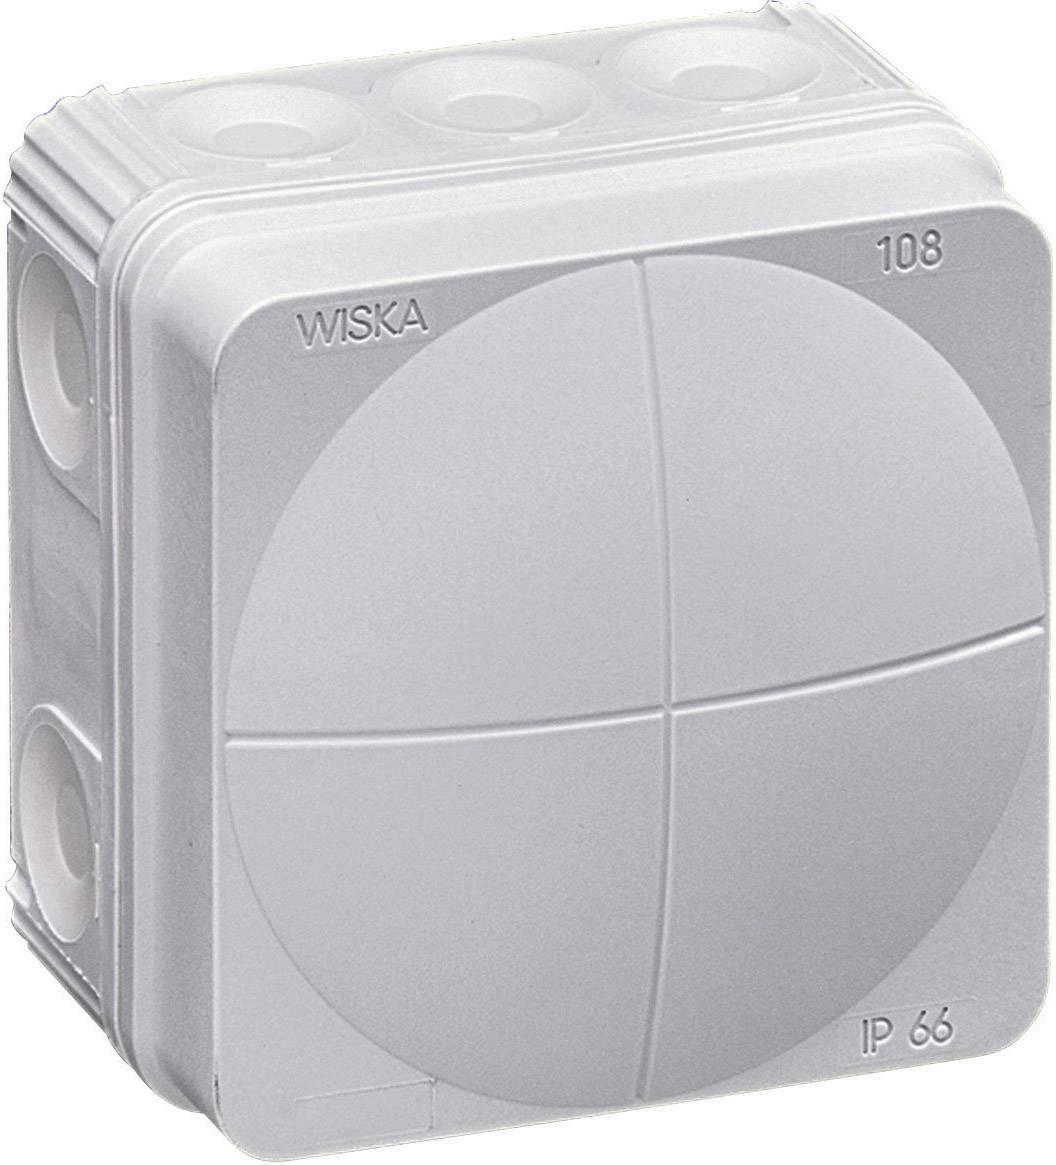 Rozbočovacia krabica Wiska Combi 108, IP66, sivá, 10060522